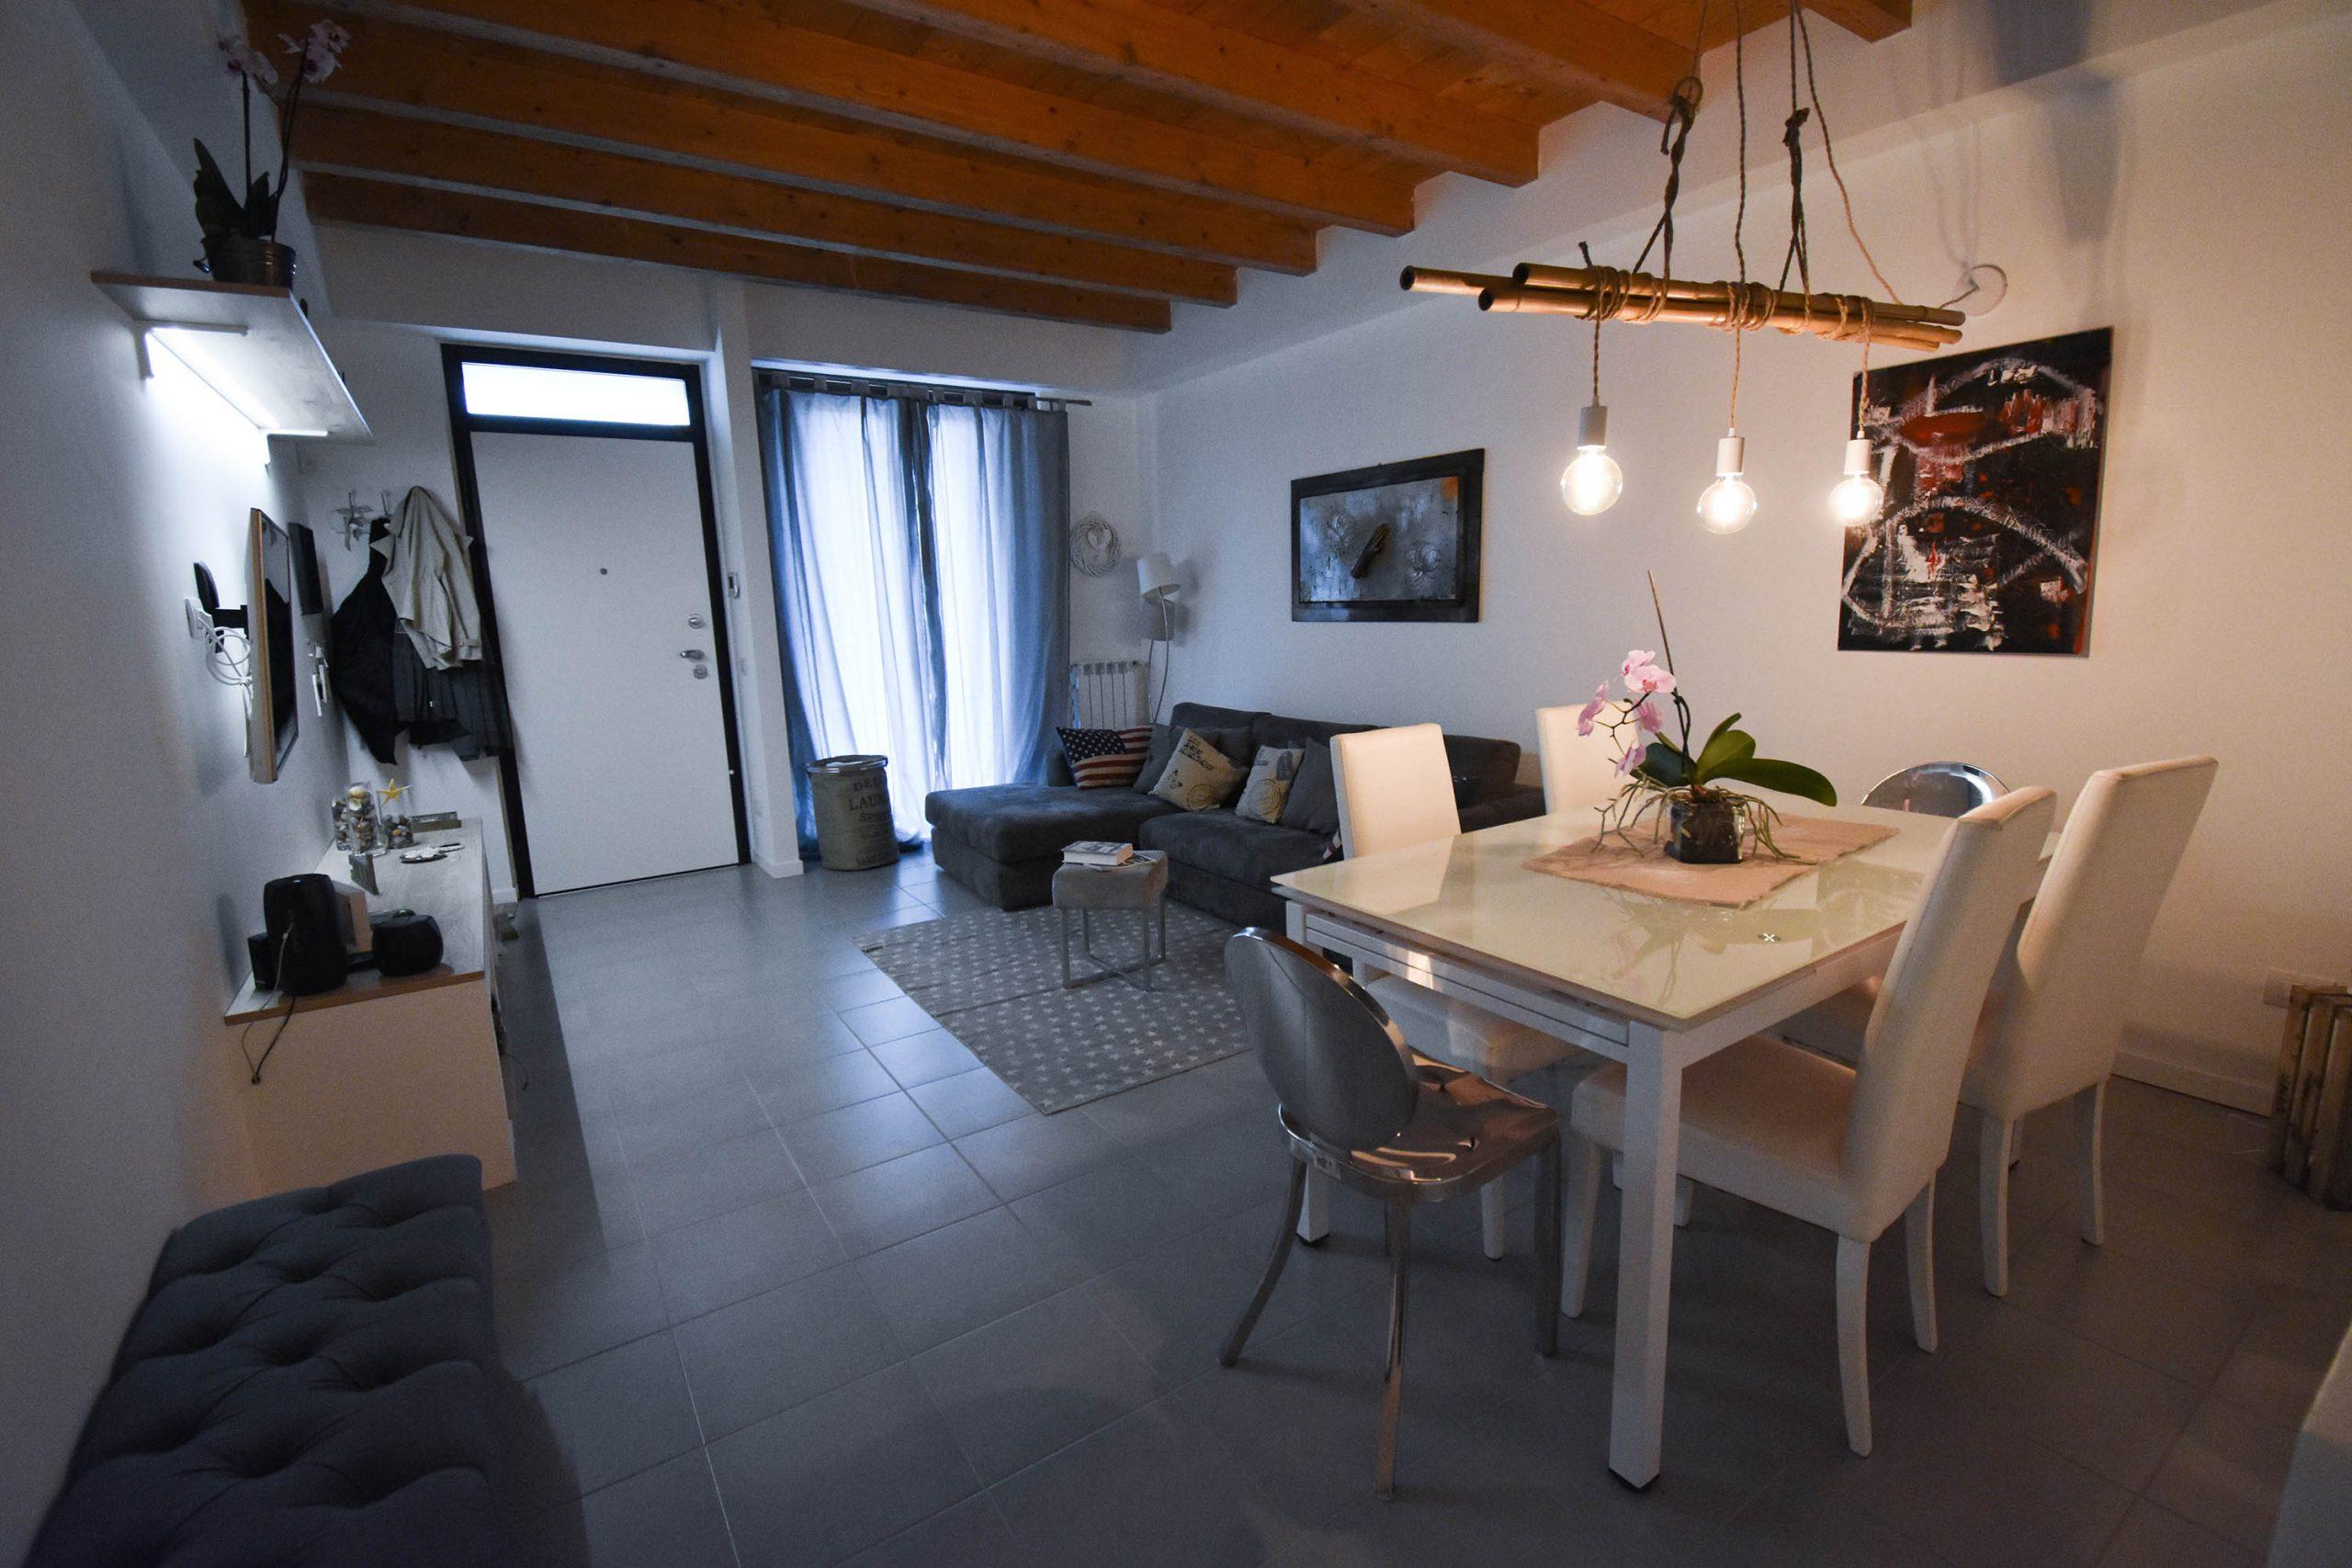 casa EM scandivano stile interior design (9)